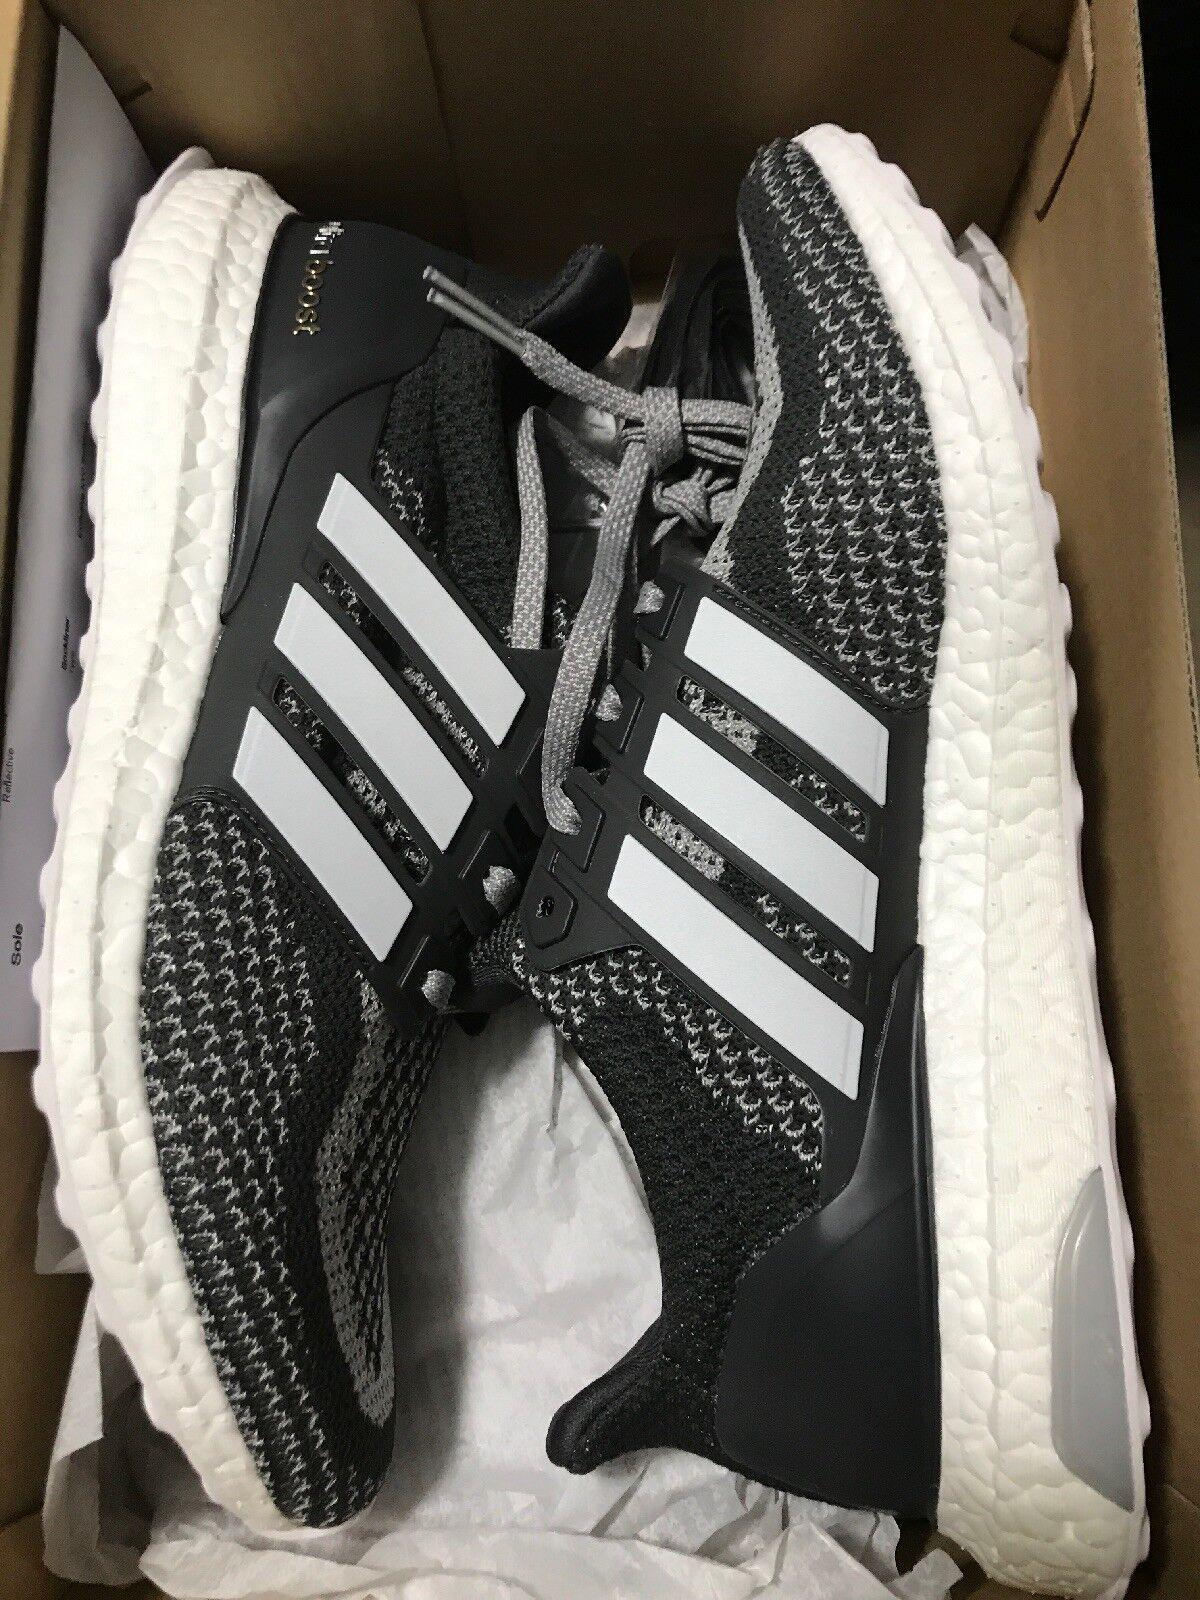 Adidas - schub größe 10,5 einzeln ds neue lady liberty selten einzeln 10,5 nummeriert 292d97